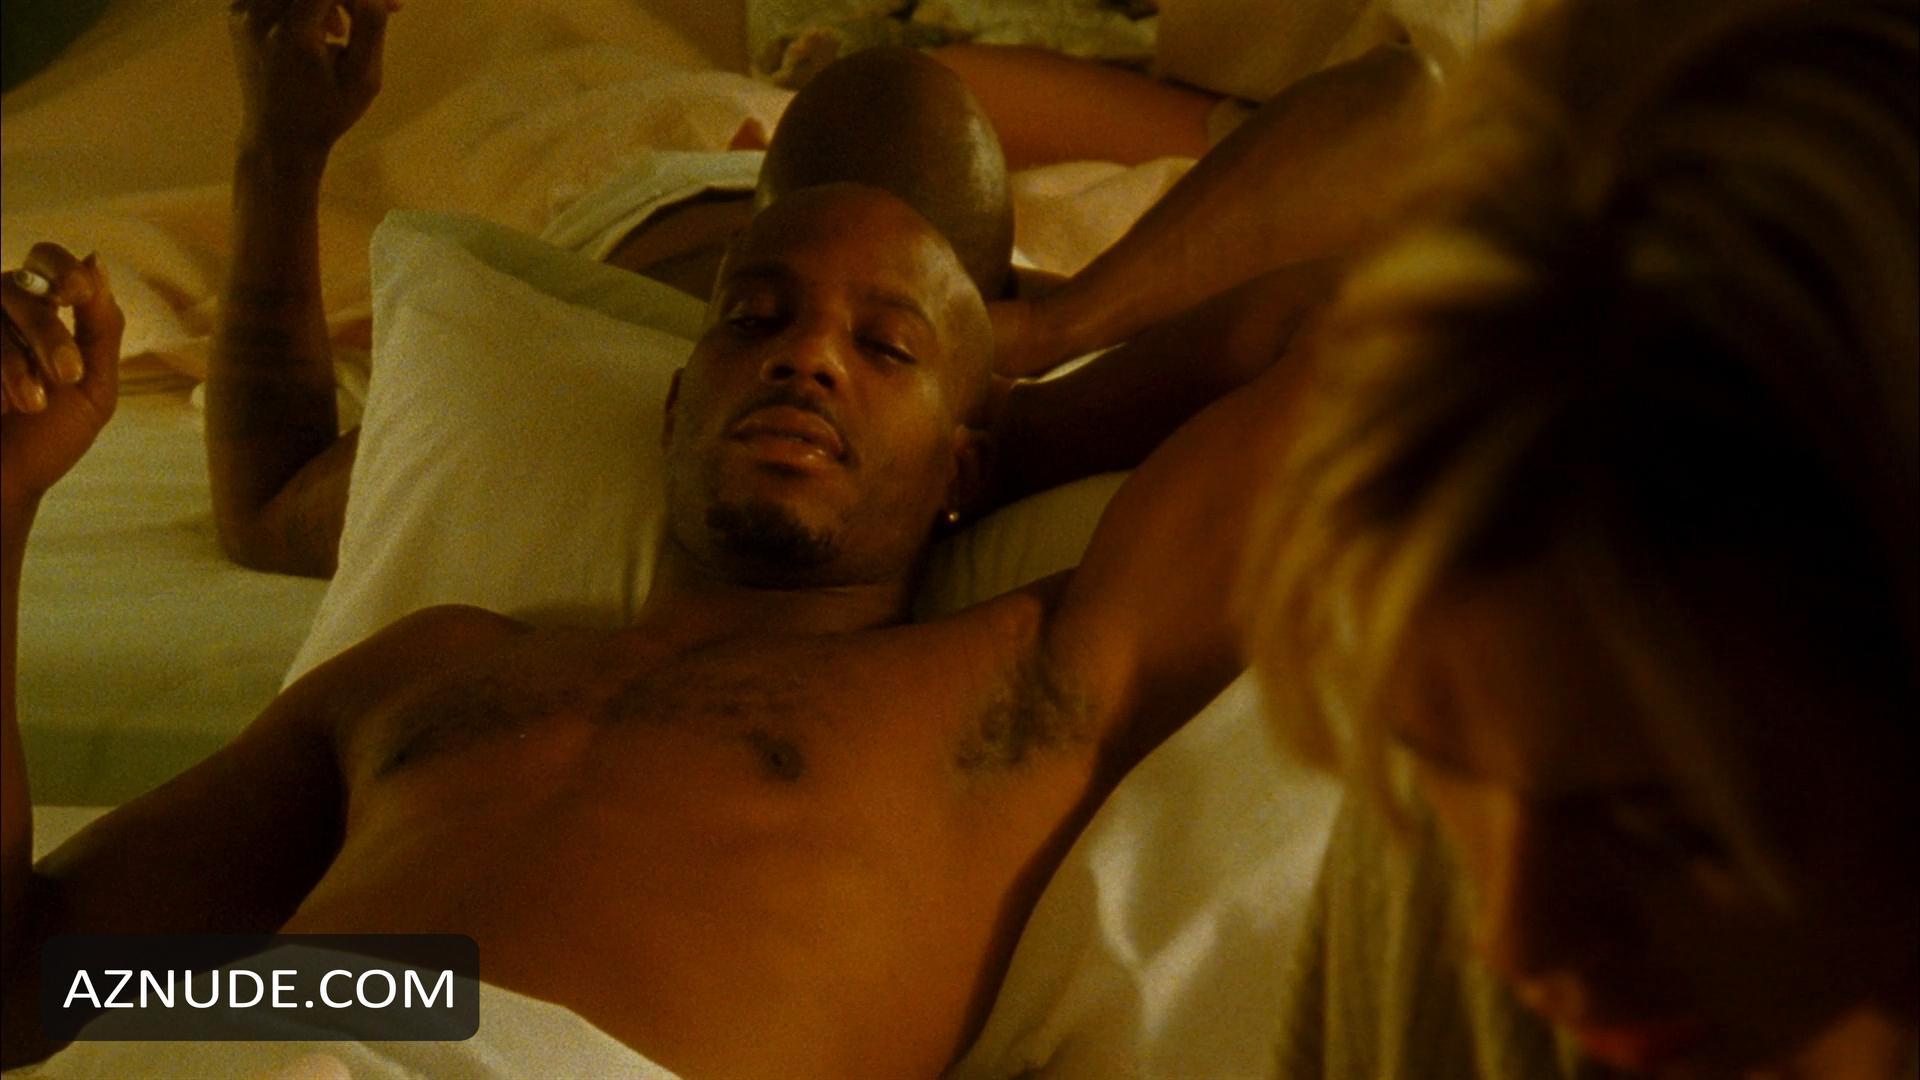 Dmx movie sex scenes pictures